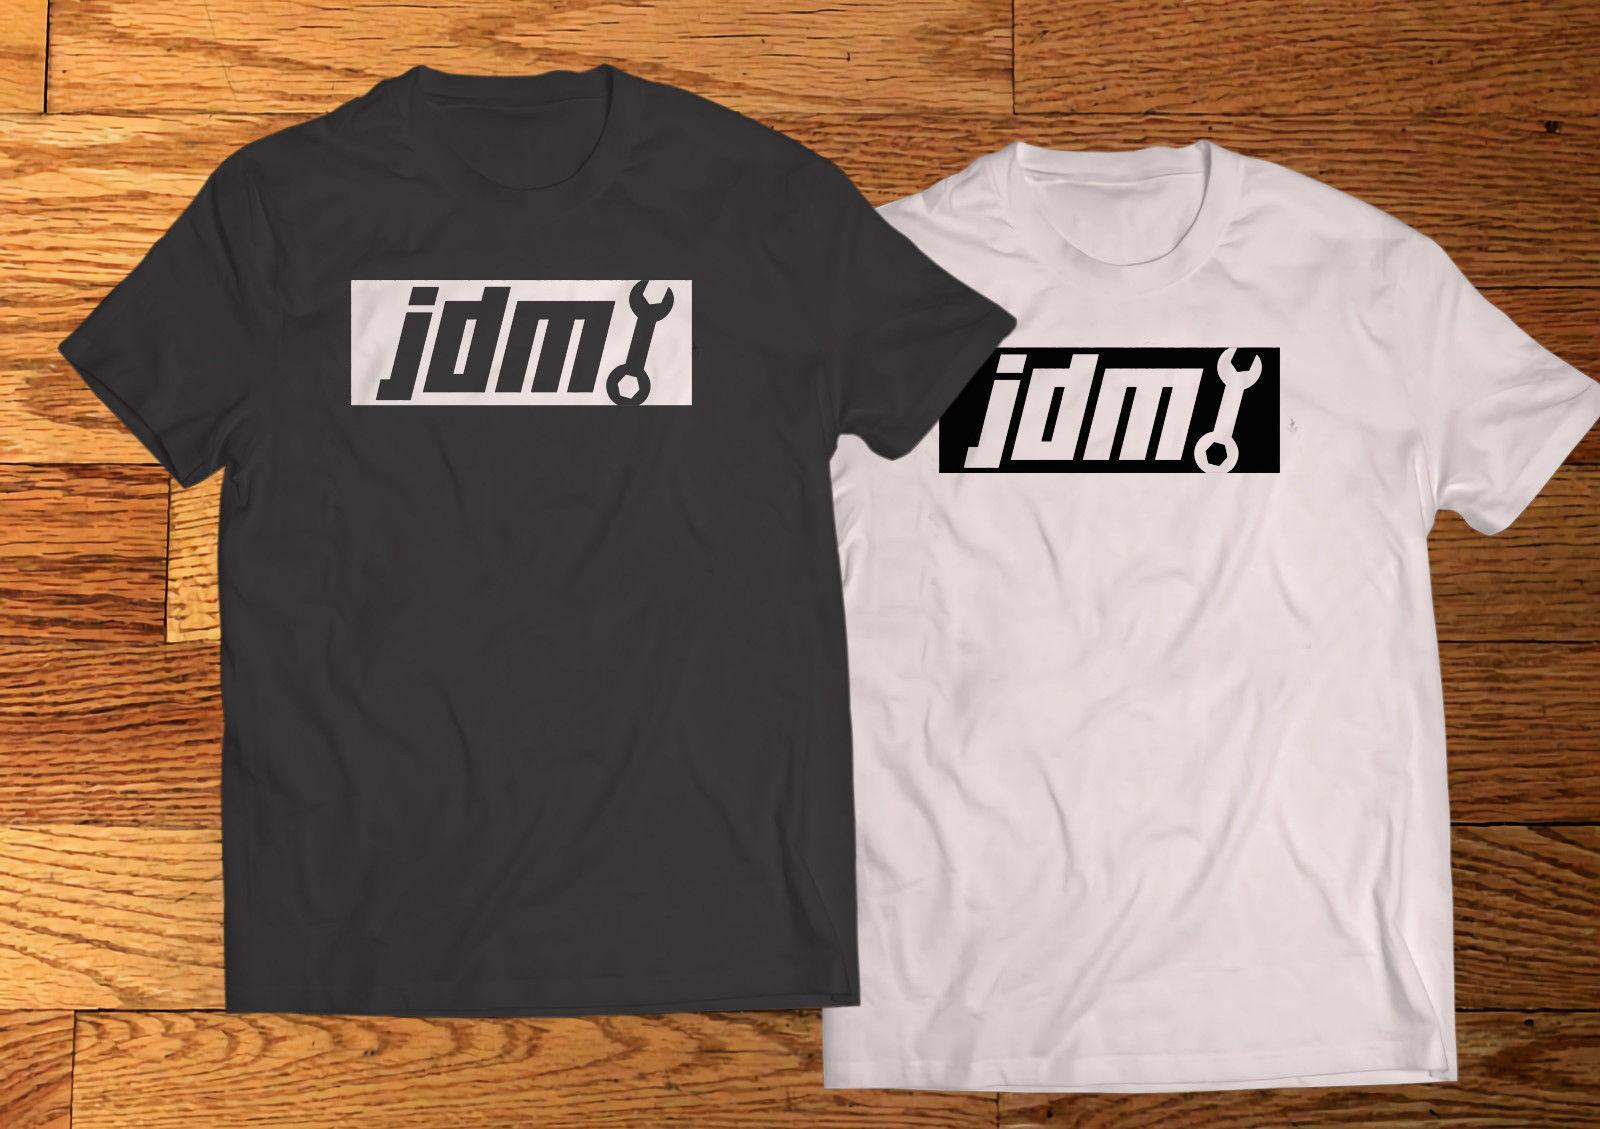 جديد JDM FRESH TOOTHBRUSH LOGO رجال أسود أبيض تي شيرت المحملة XS-3XL